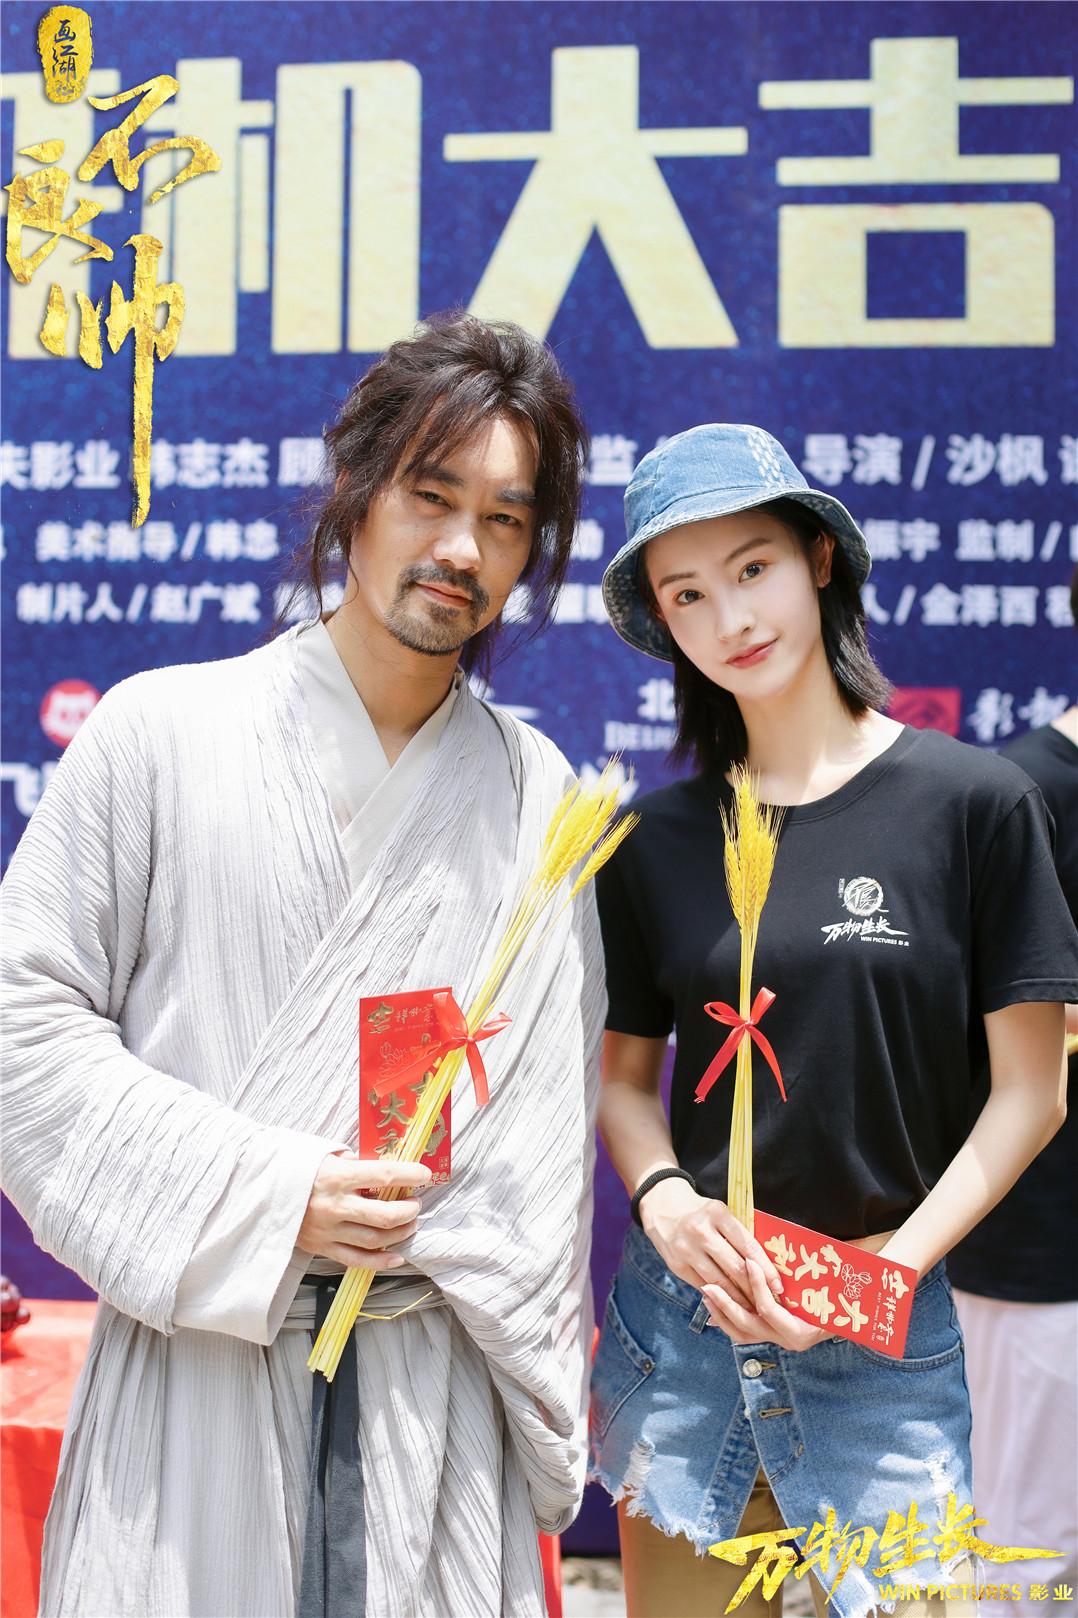 电影《画江湖之不良帅》开机 毛晓慧饰女主幻音